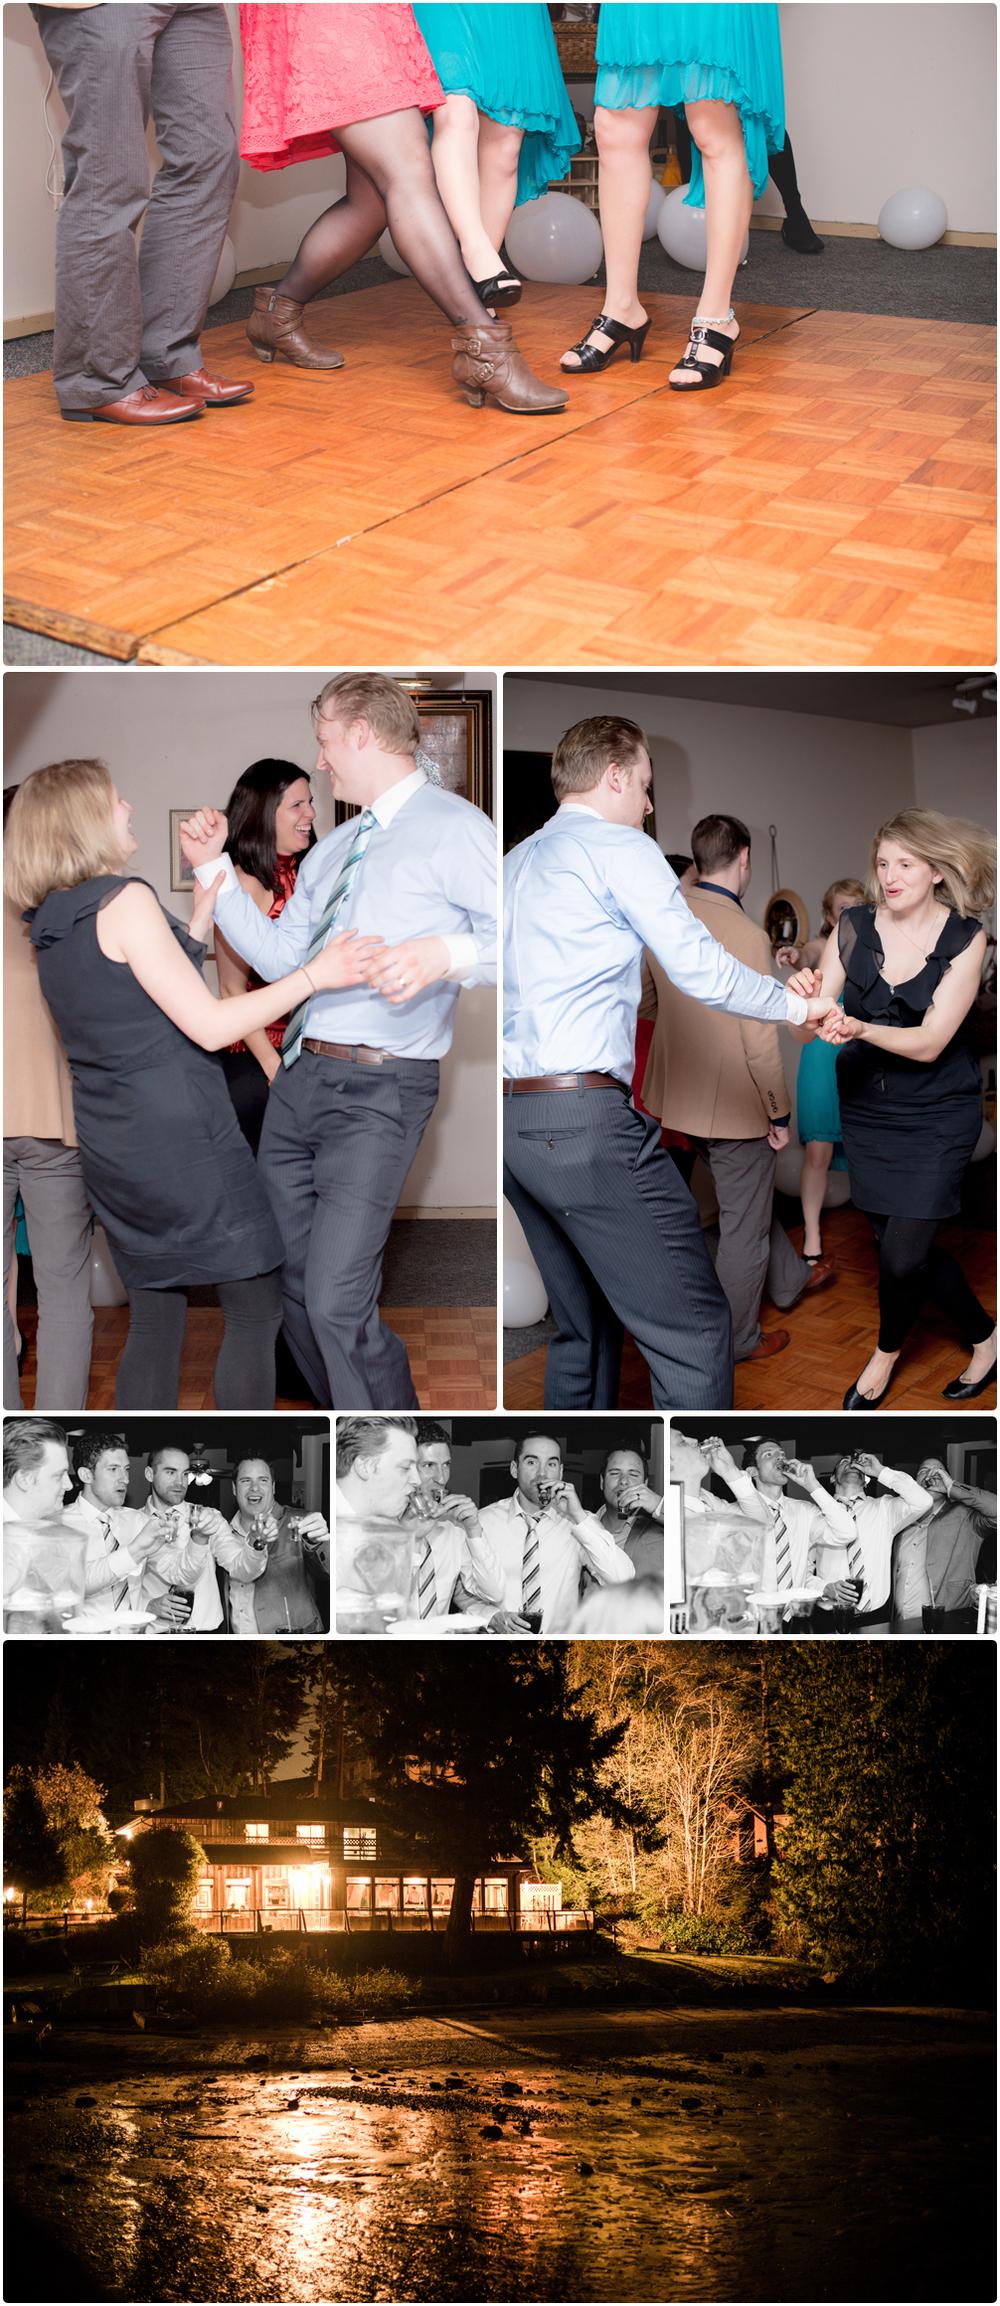 Dancing (End).jpg